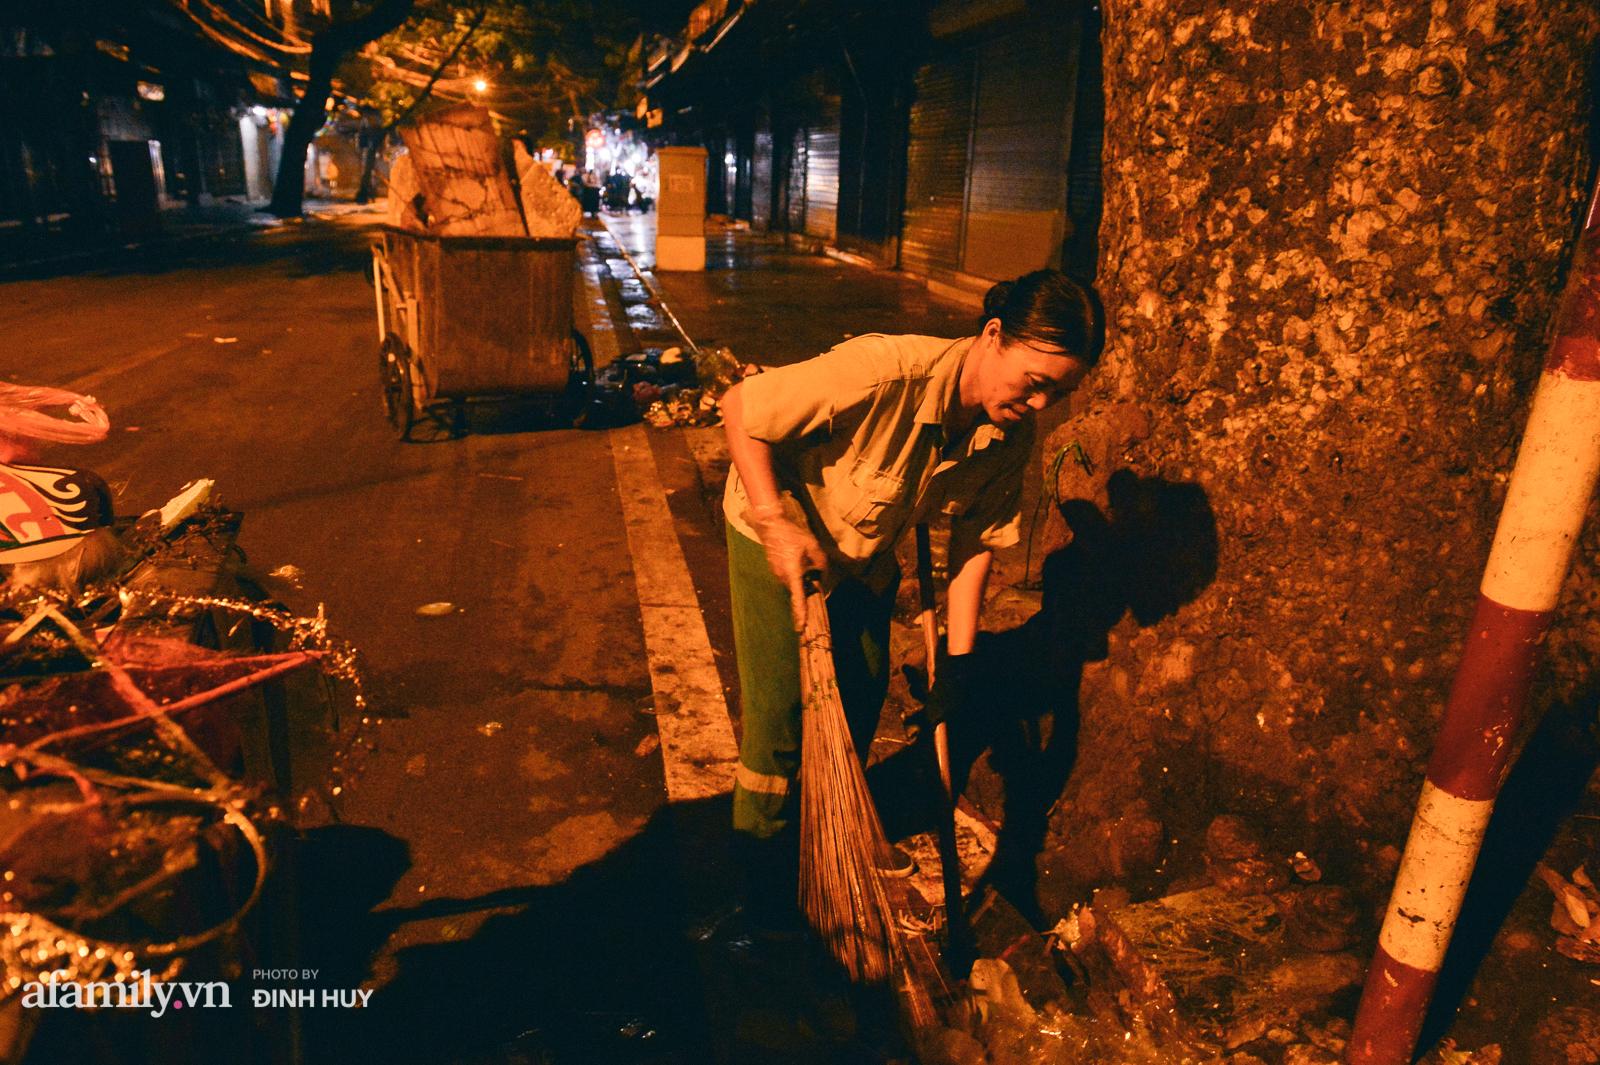 Đêm Trung thu chìm trong rác thải của cô công nhân vệ sinh trên phố cổ - Ảnh 6.